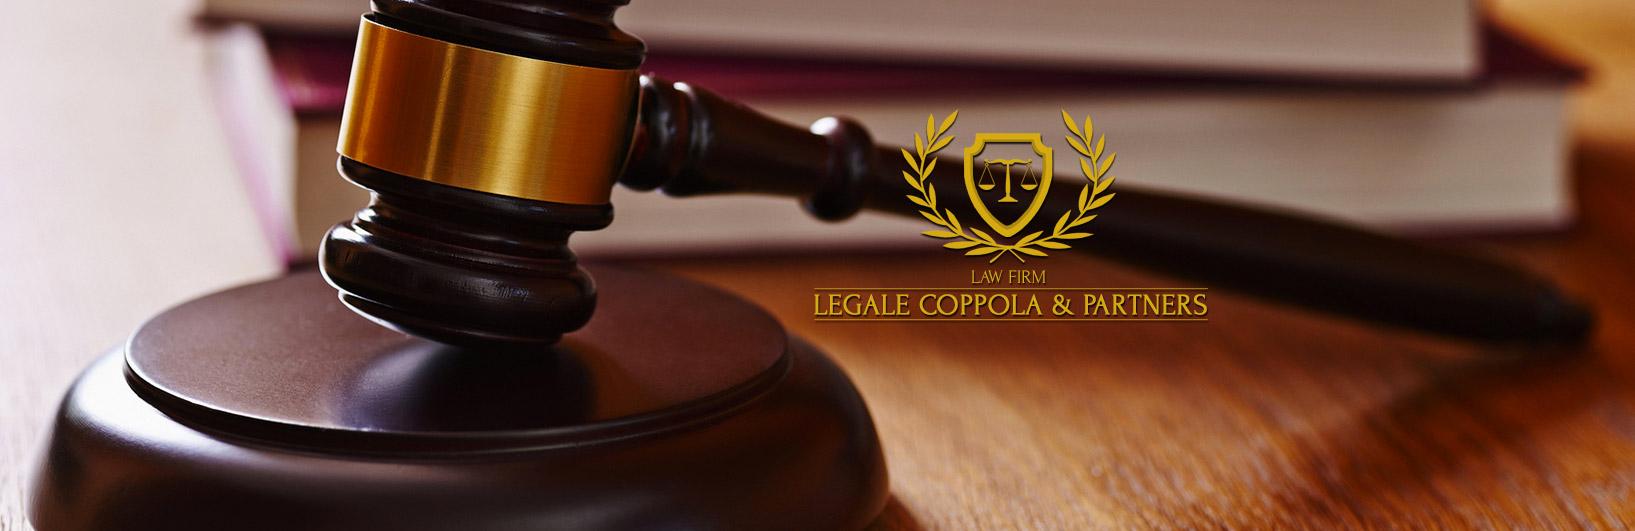 Comunione o separazione dei beni studio legale coppola for Separazione o comunione dei beni